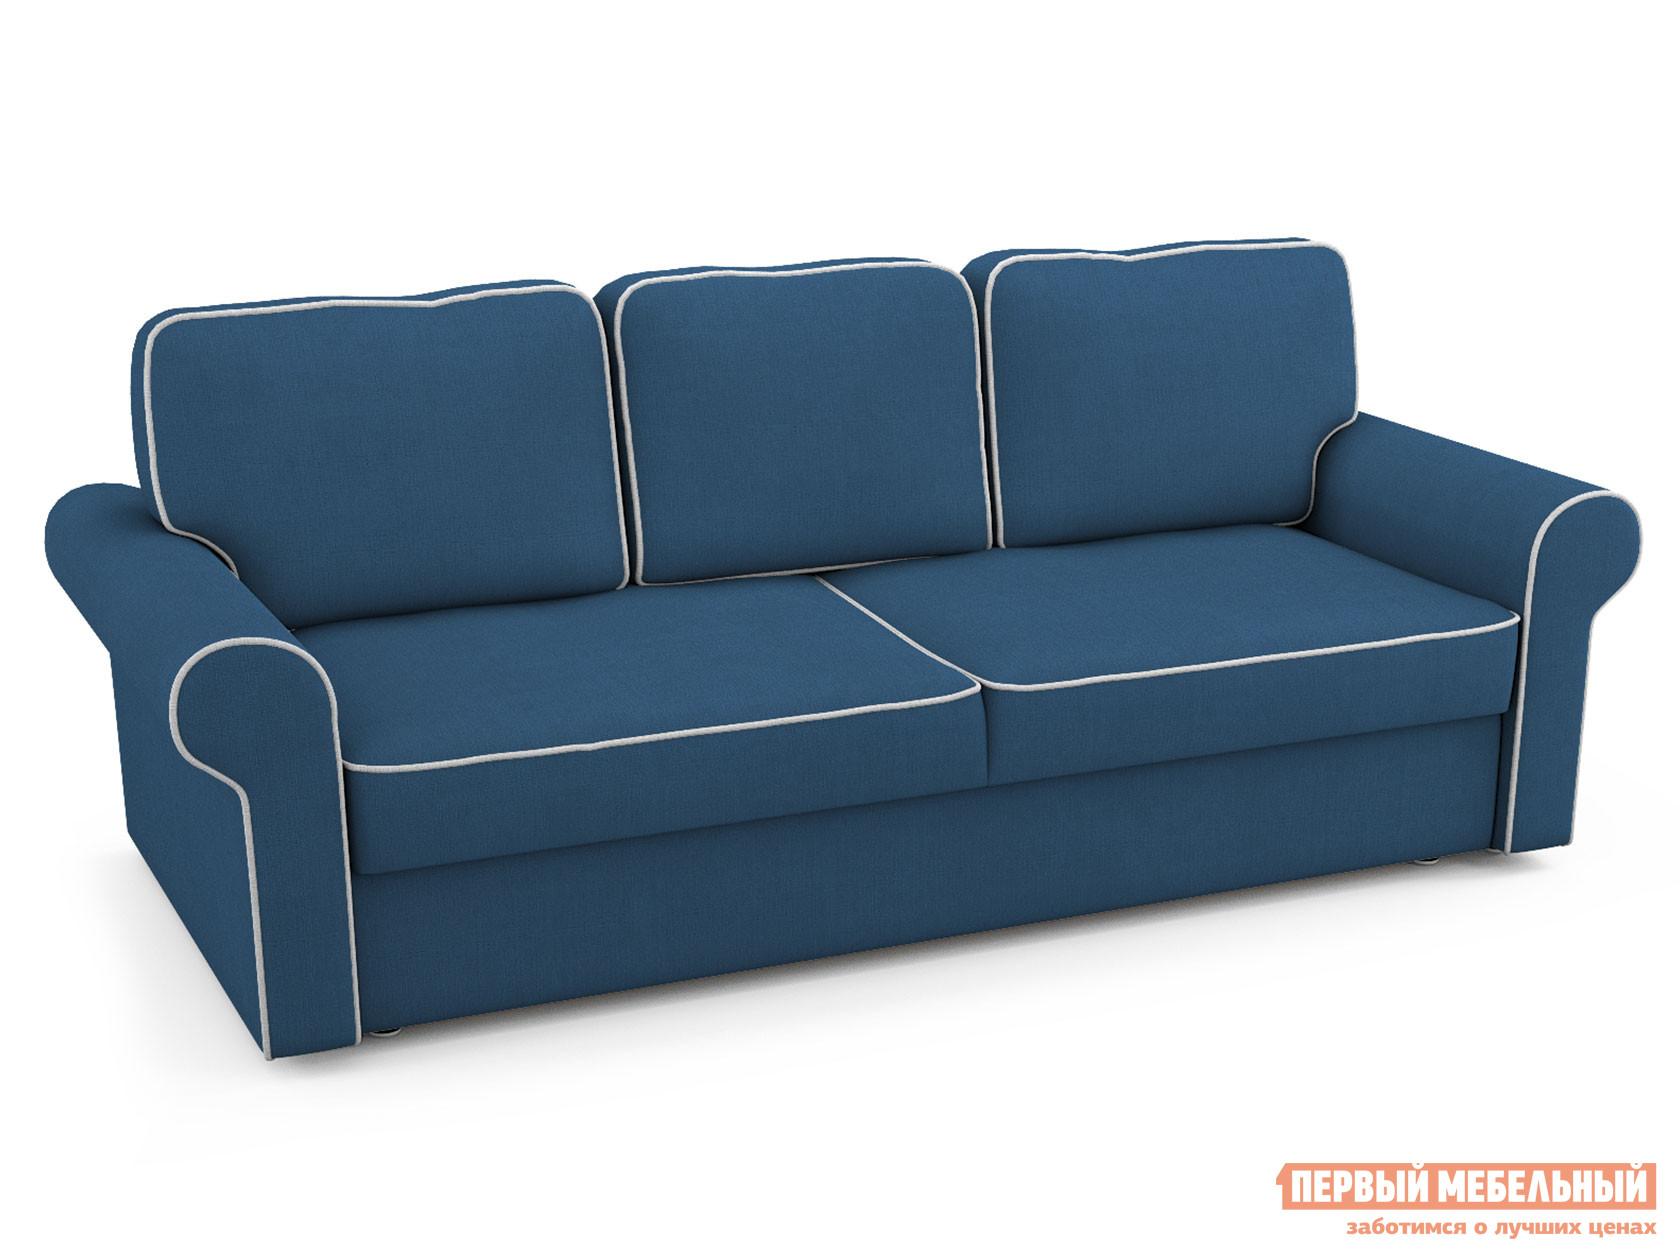 Прямой диван Первый Мебельный Прямой диван Ривьера